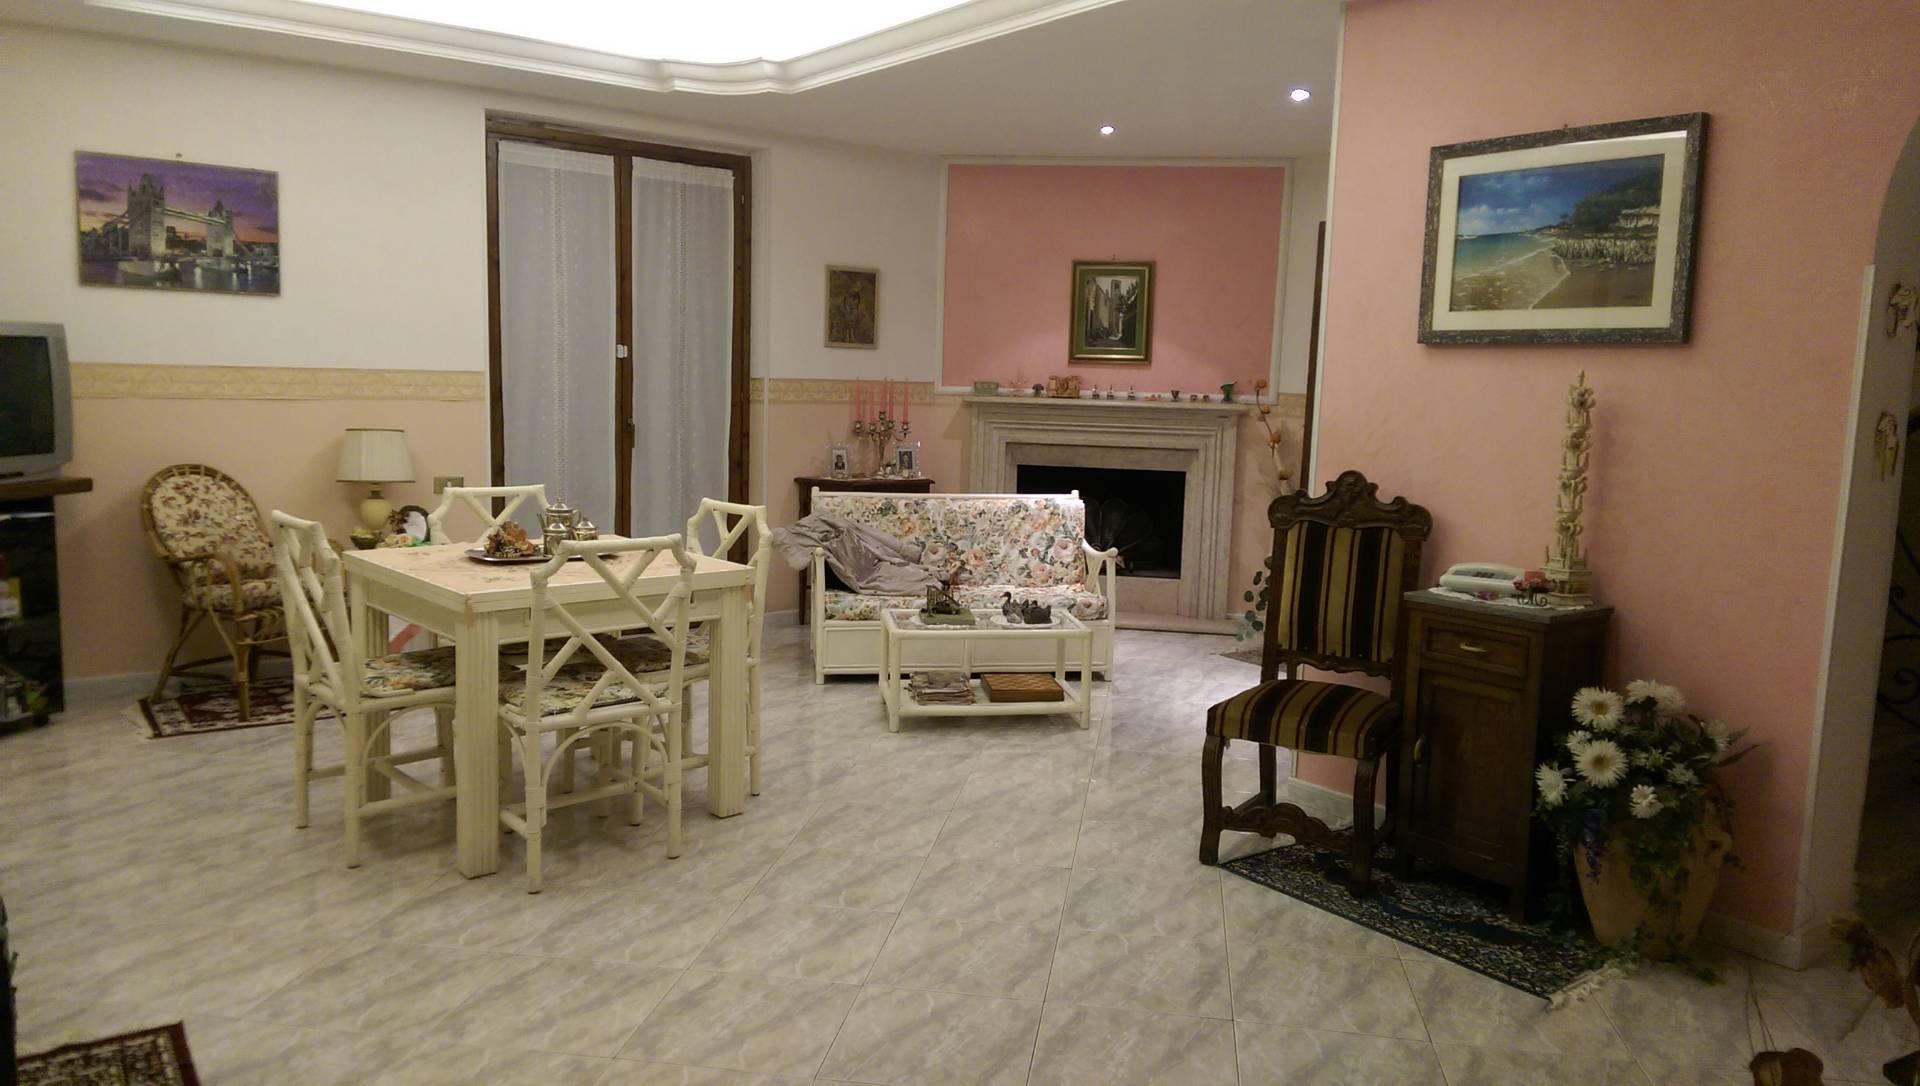 Villa in vendita a Vallerano, 6 locali, prezzo € 210.000 | Cambio Casa.it